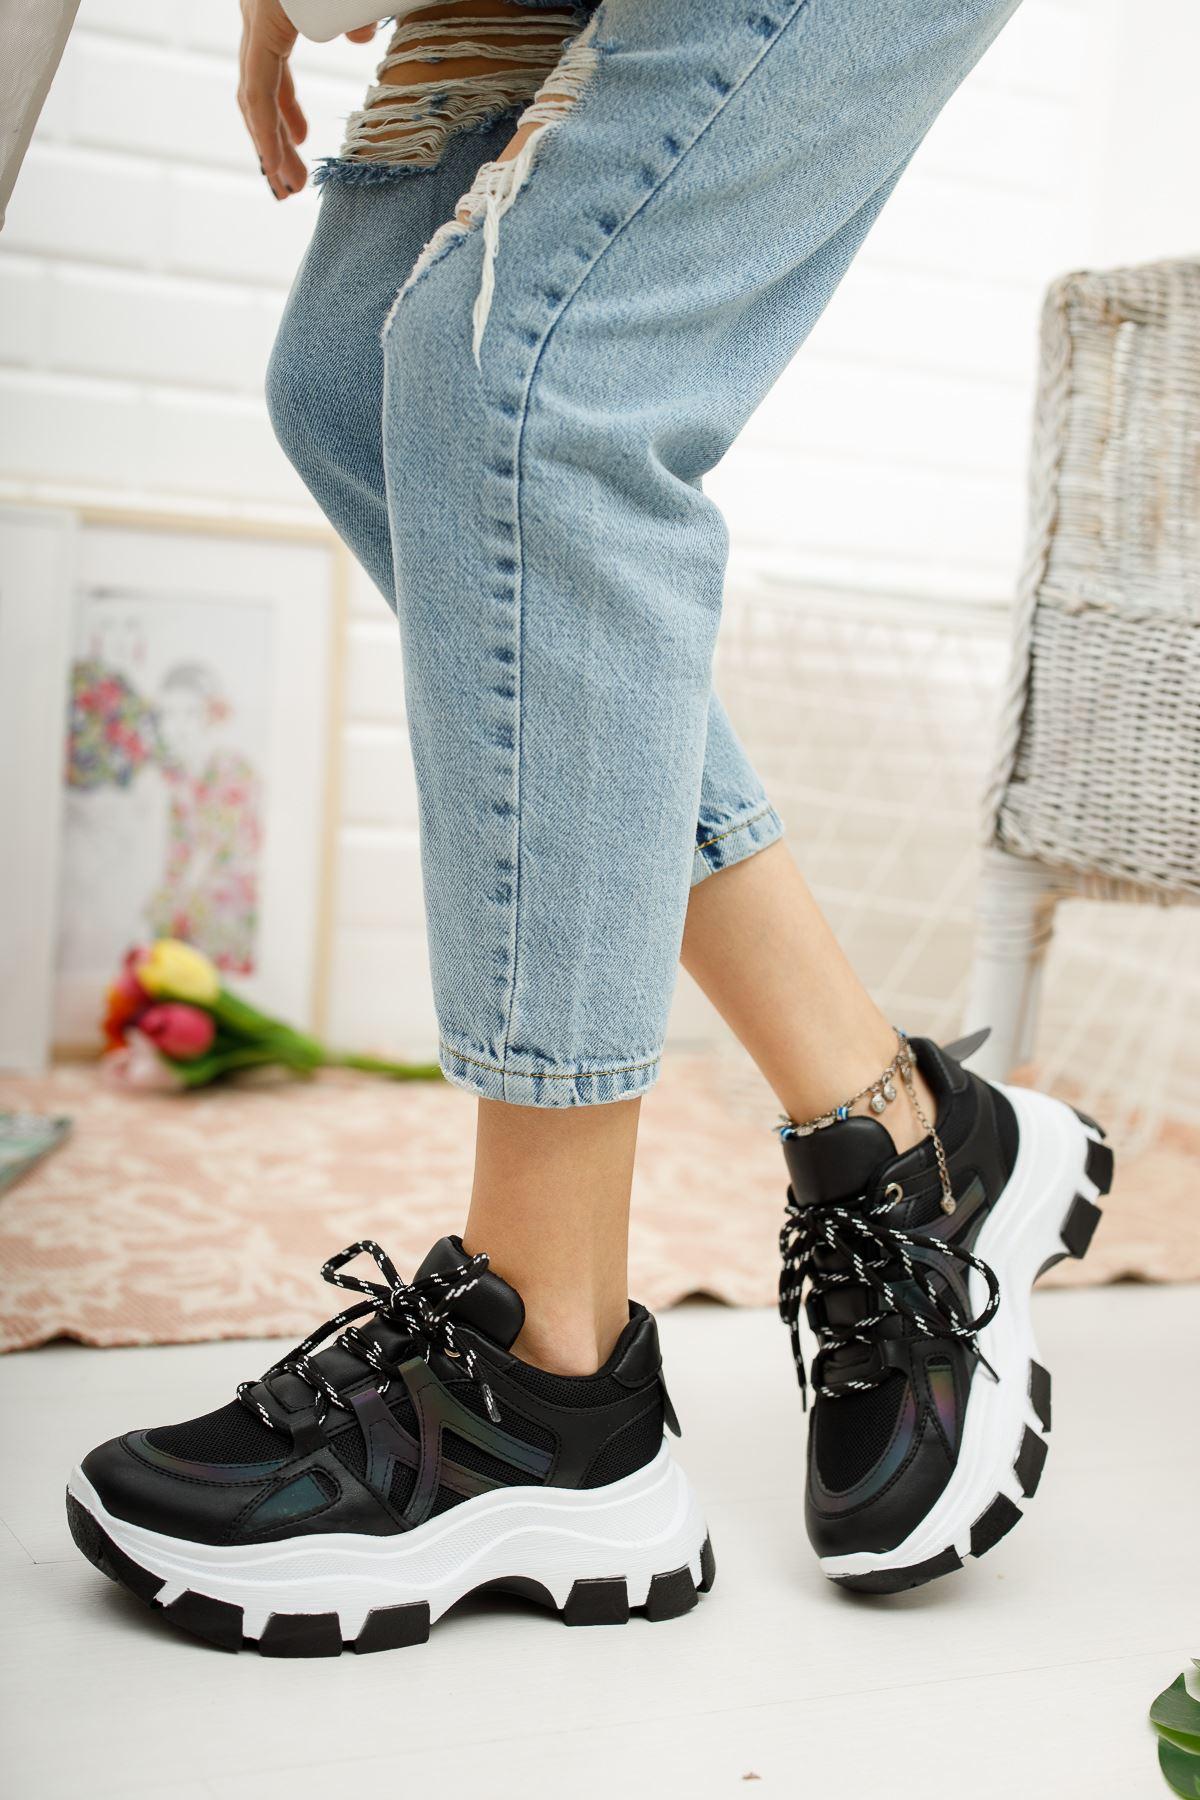 Kadın Venessa Kalın Taban Siyah Spor Ayakkabı